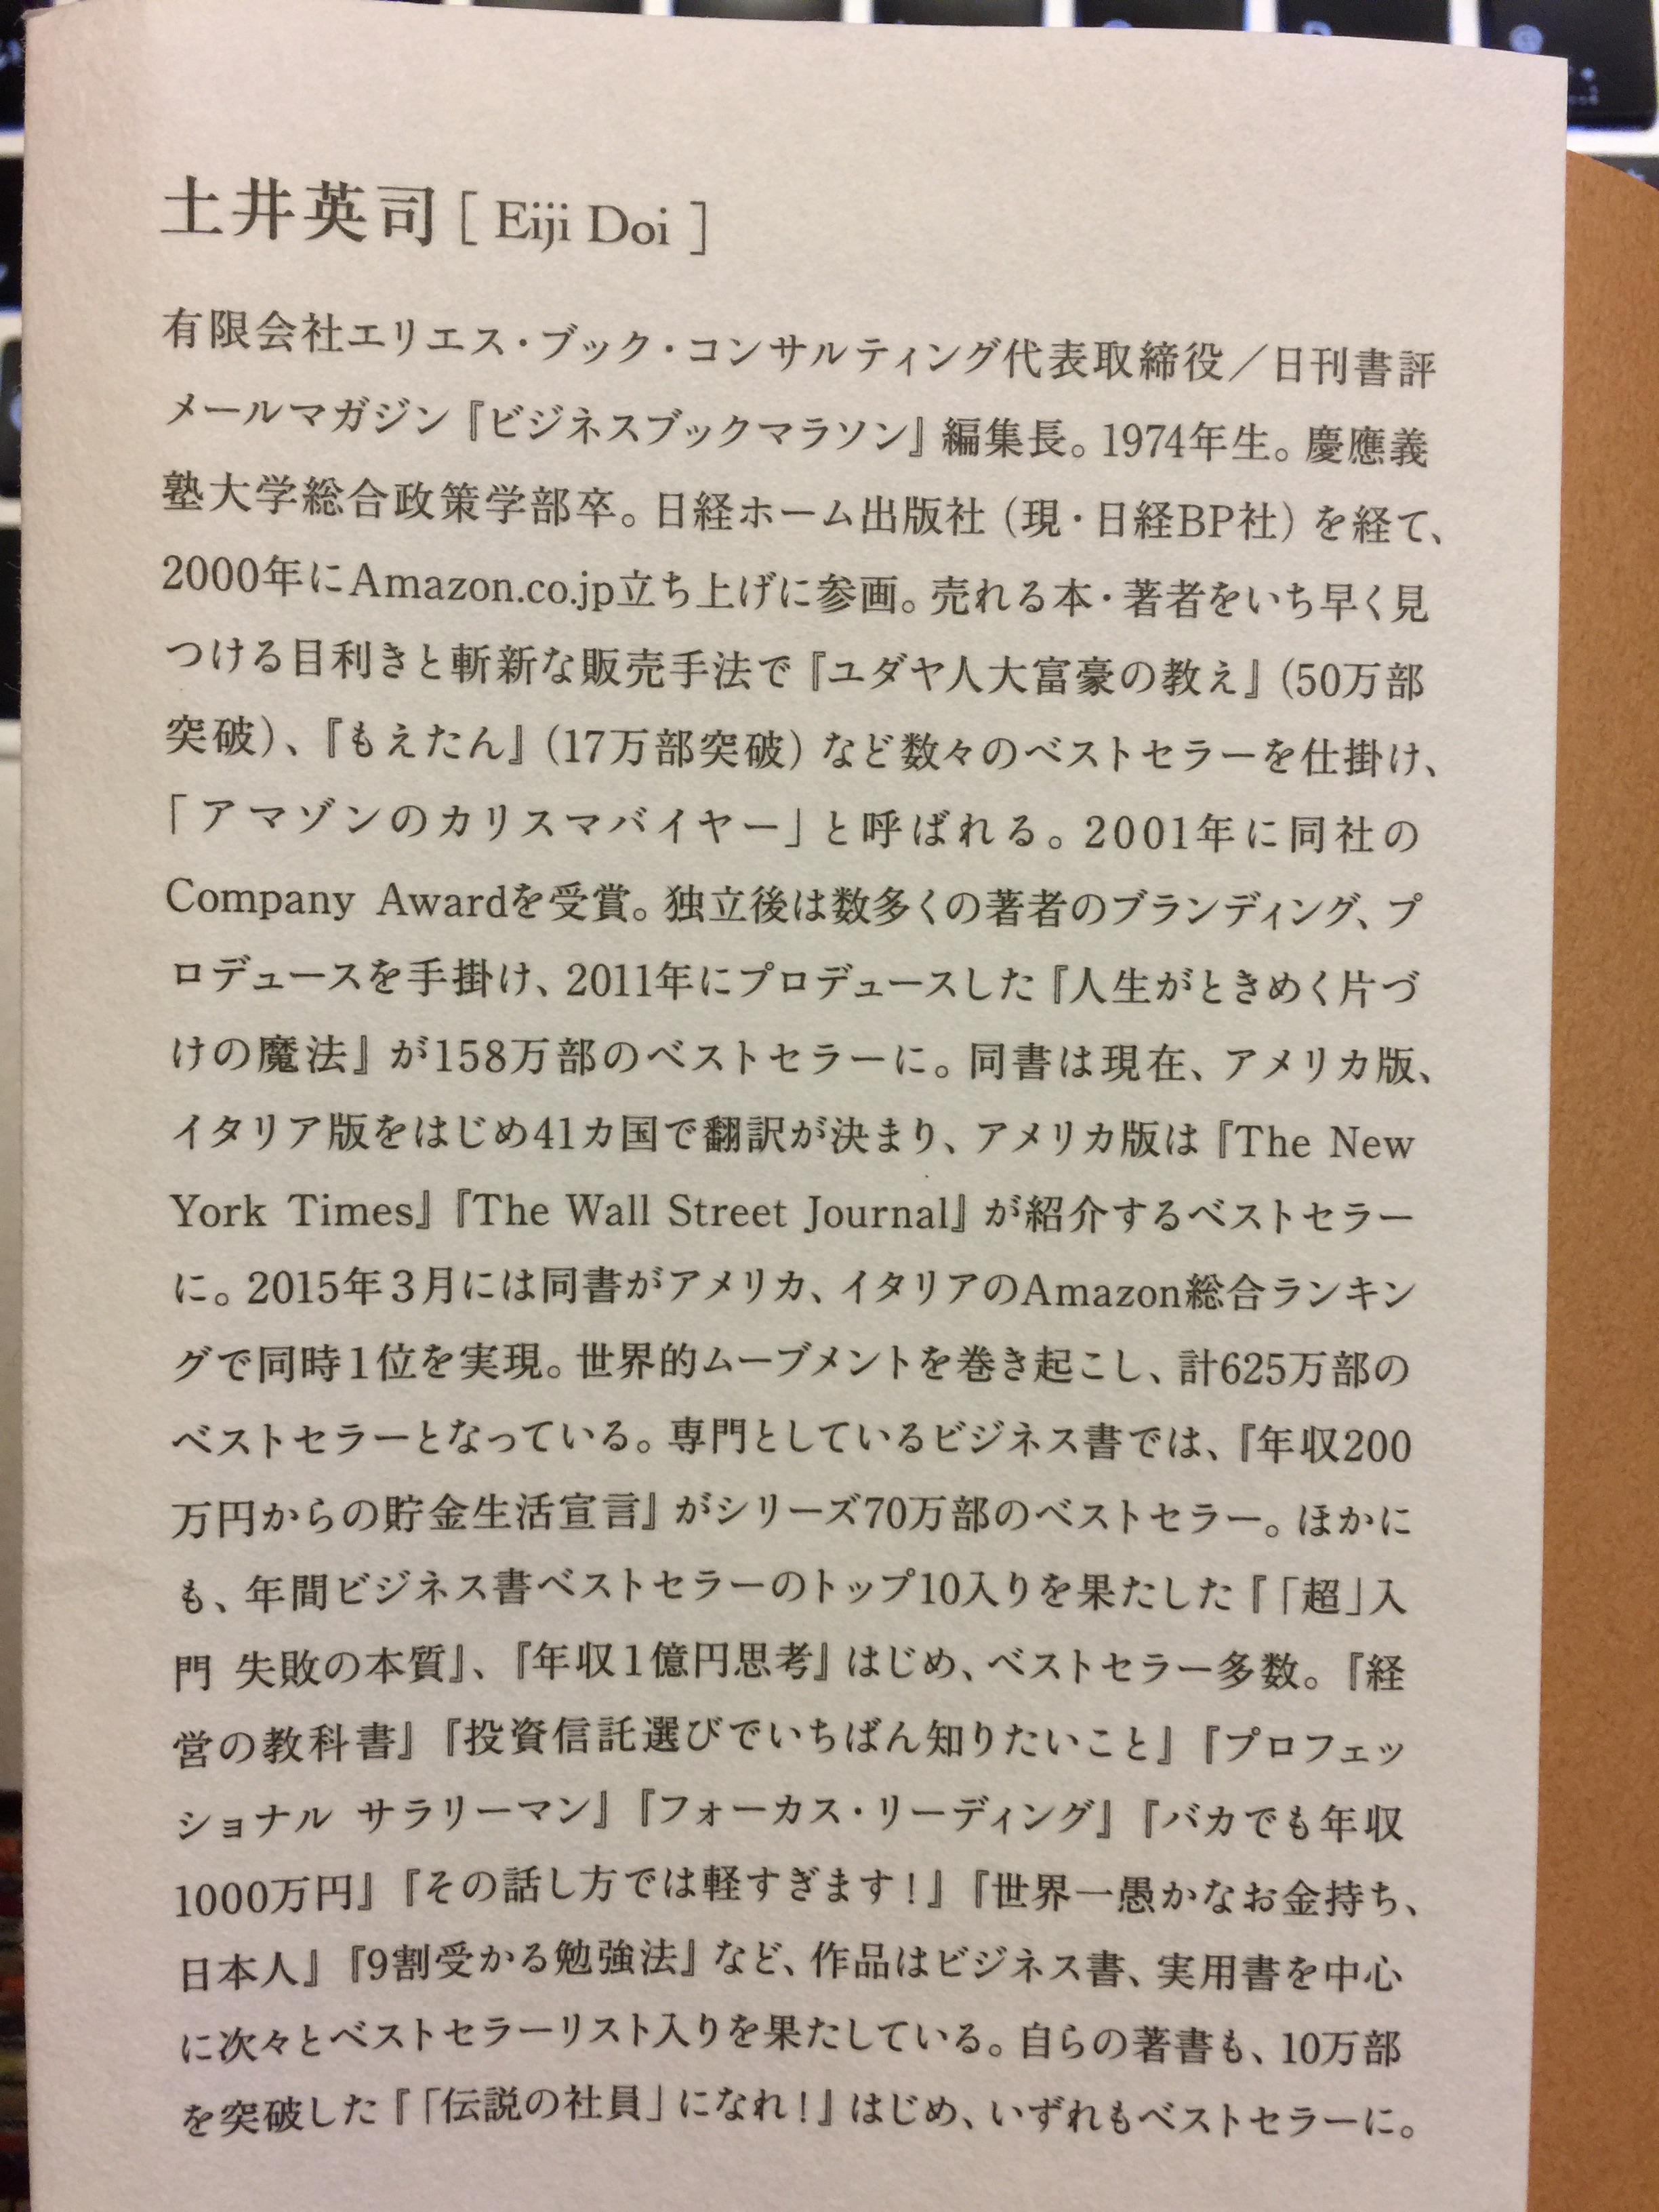 土井英司さんのプロフィール